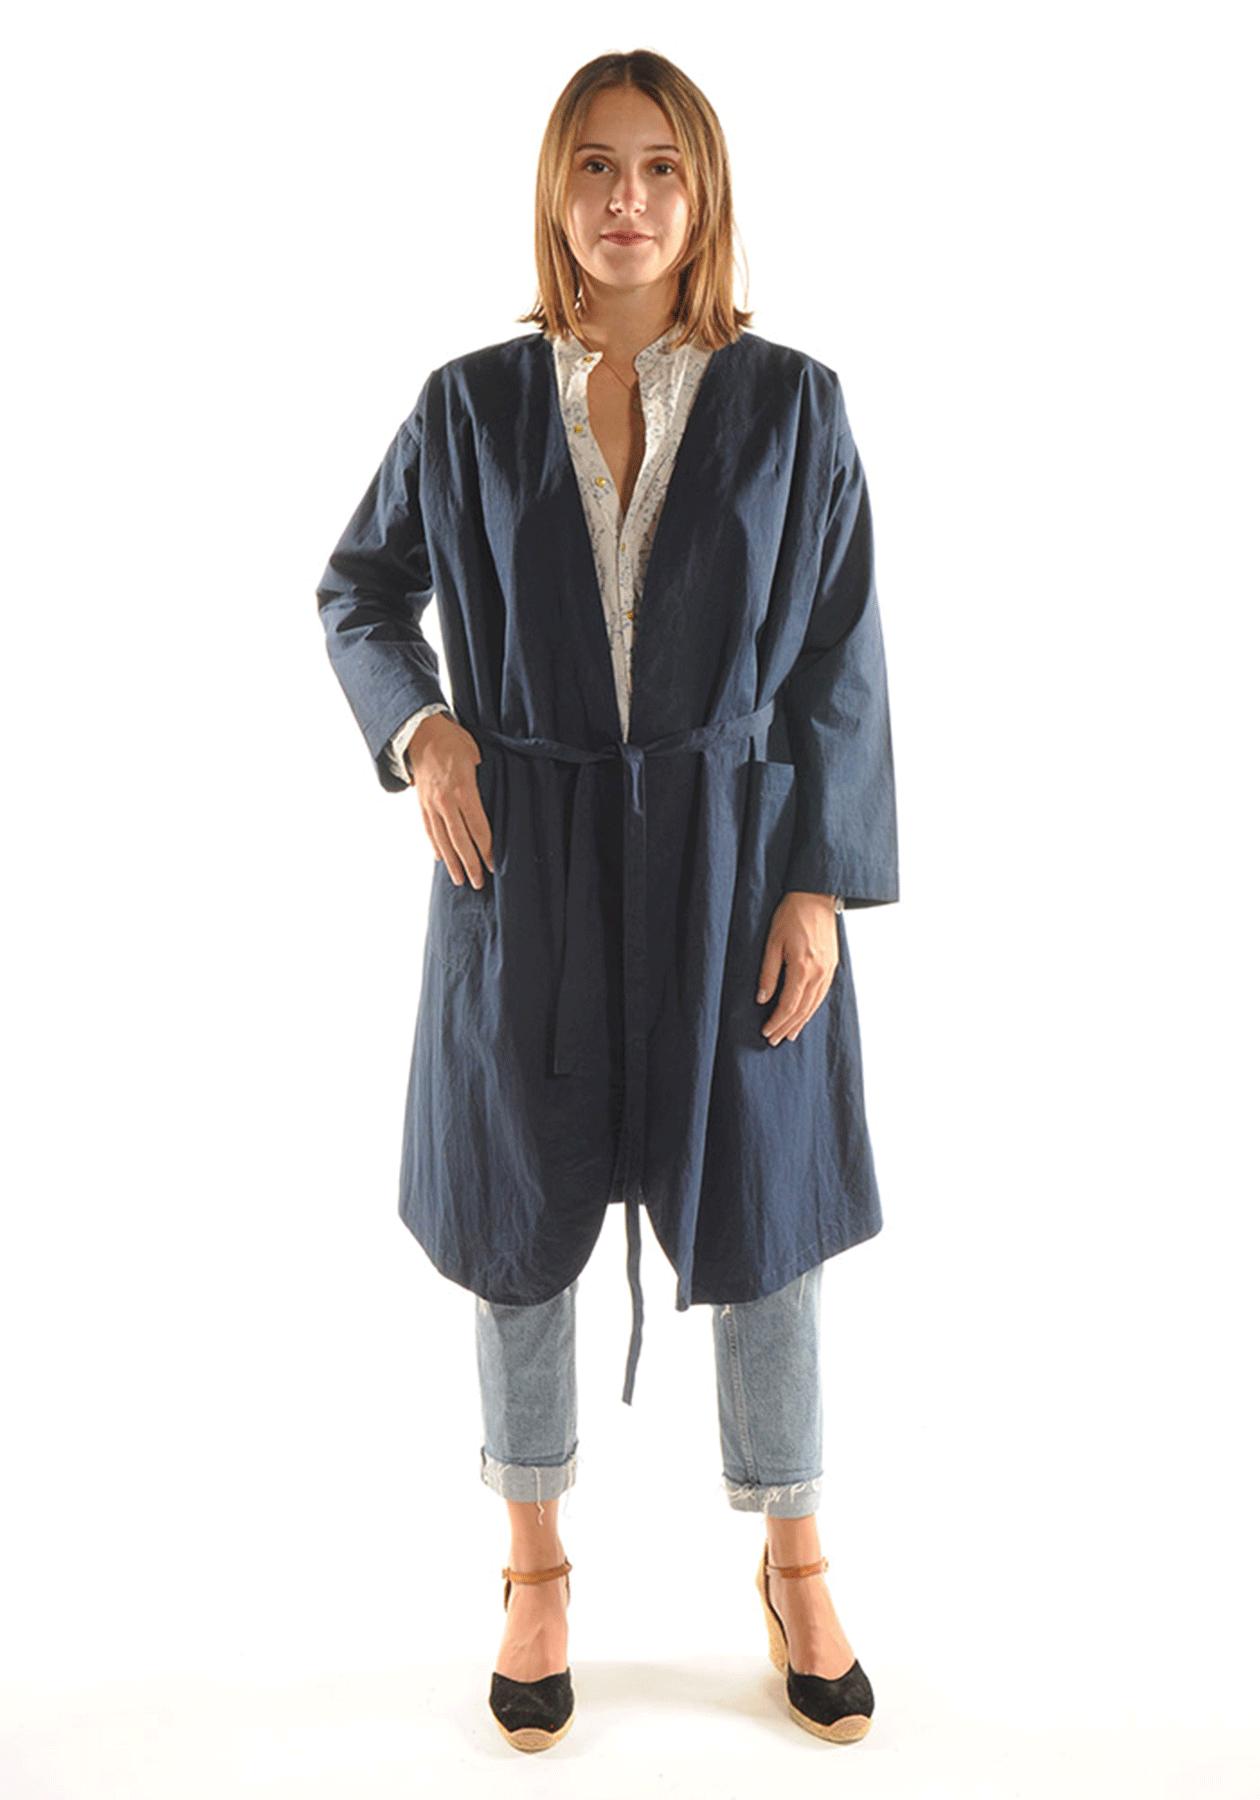 Kimono KYHYNA / Bleu nuit